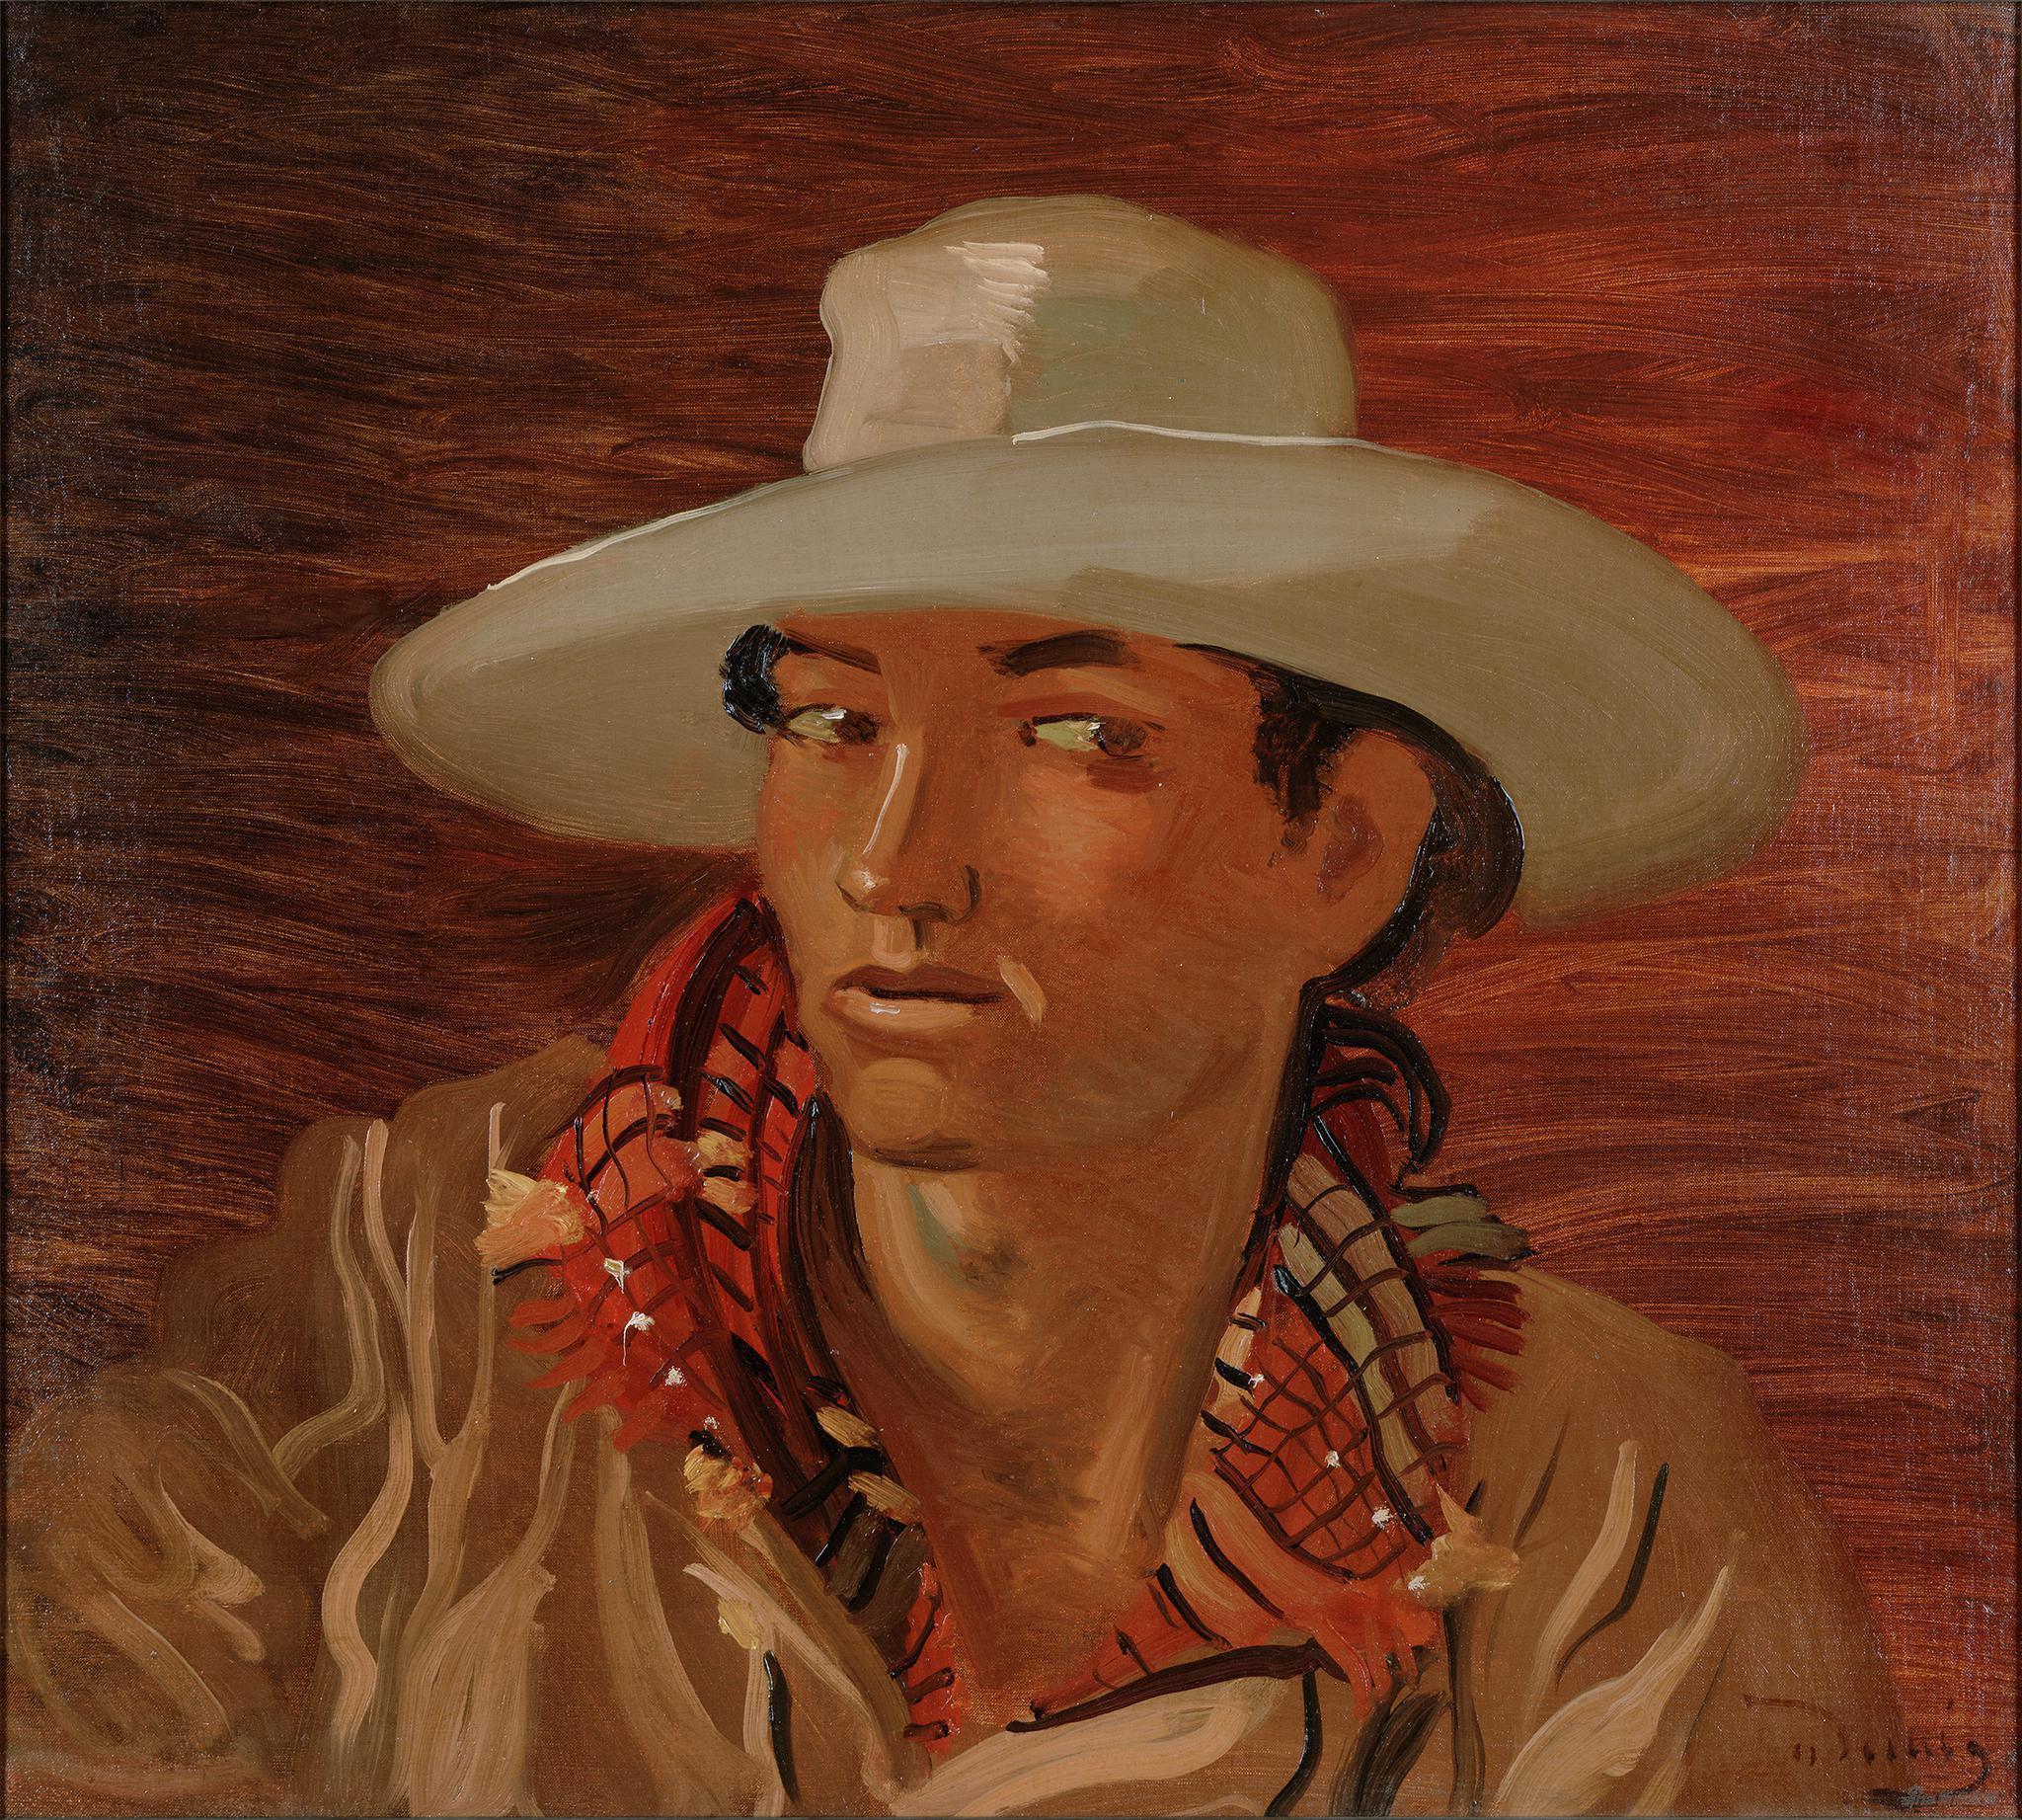 戴草帽的吉普赛人,安德烈·德朗布面油画,50.3×55.4cm,1930年